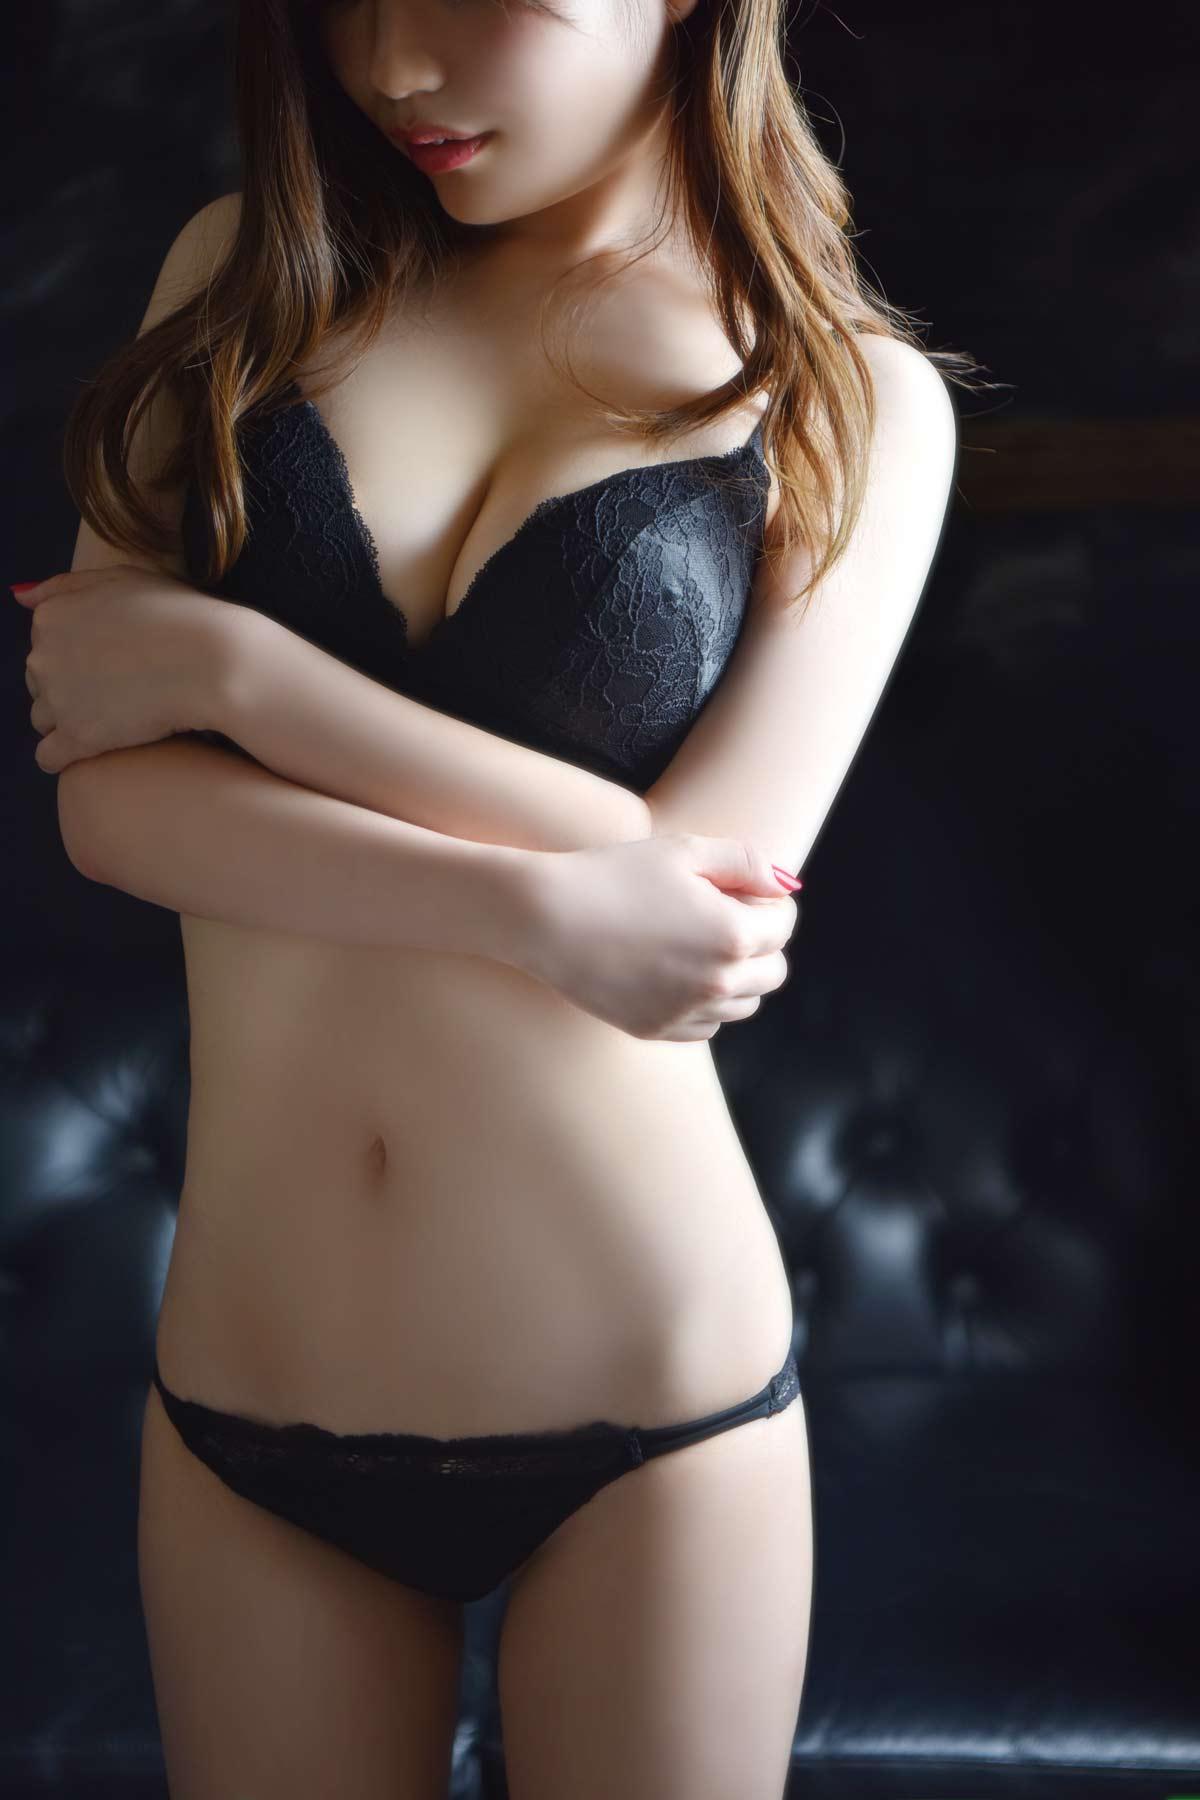 完全業界未経験の素人感あふれる清楚美女:メートルドテル(新宿高級デリヘル)